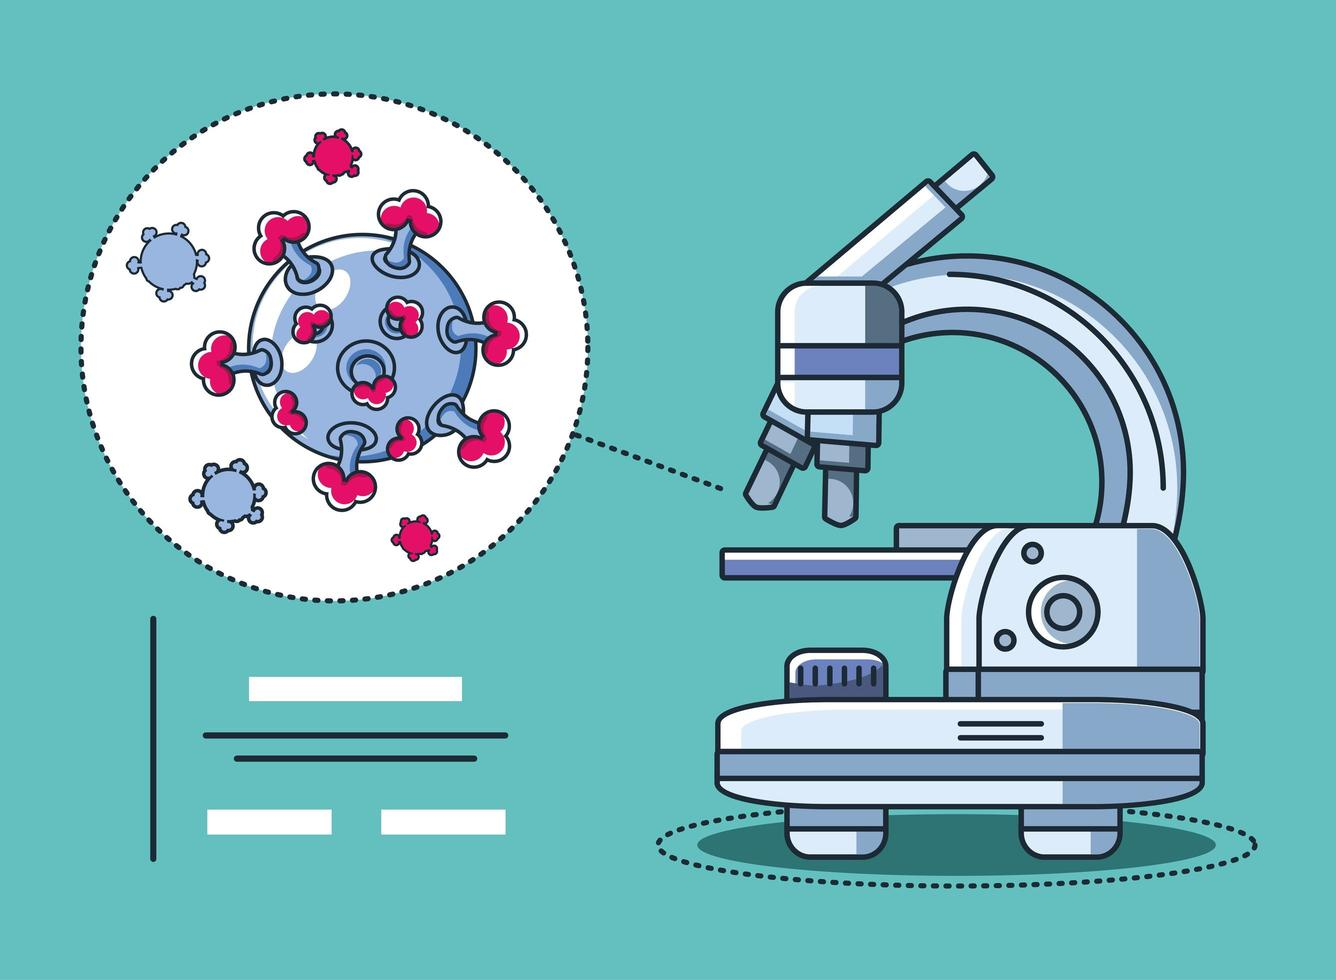 investigación de microscopio de laboratorio y coronavirus vector